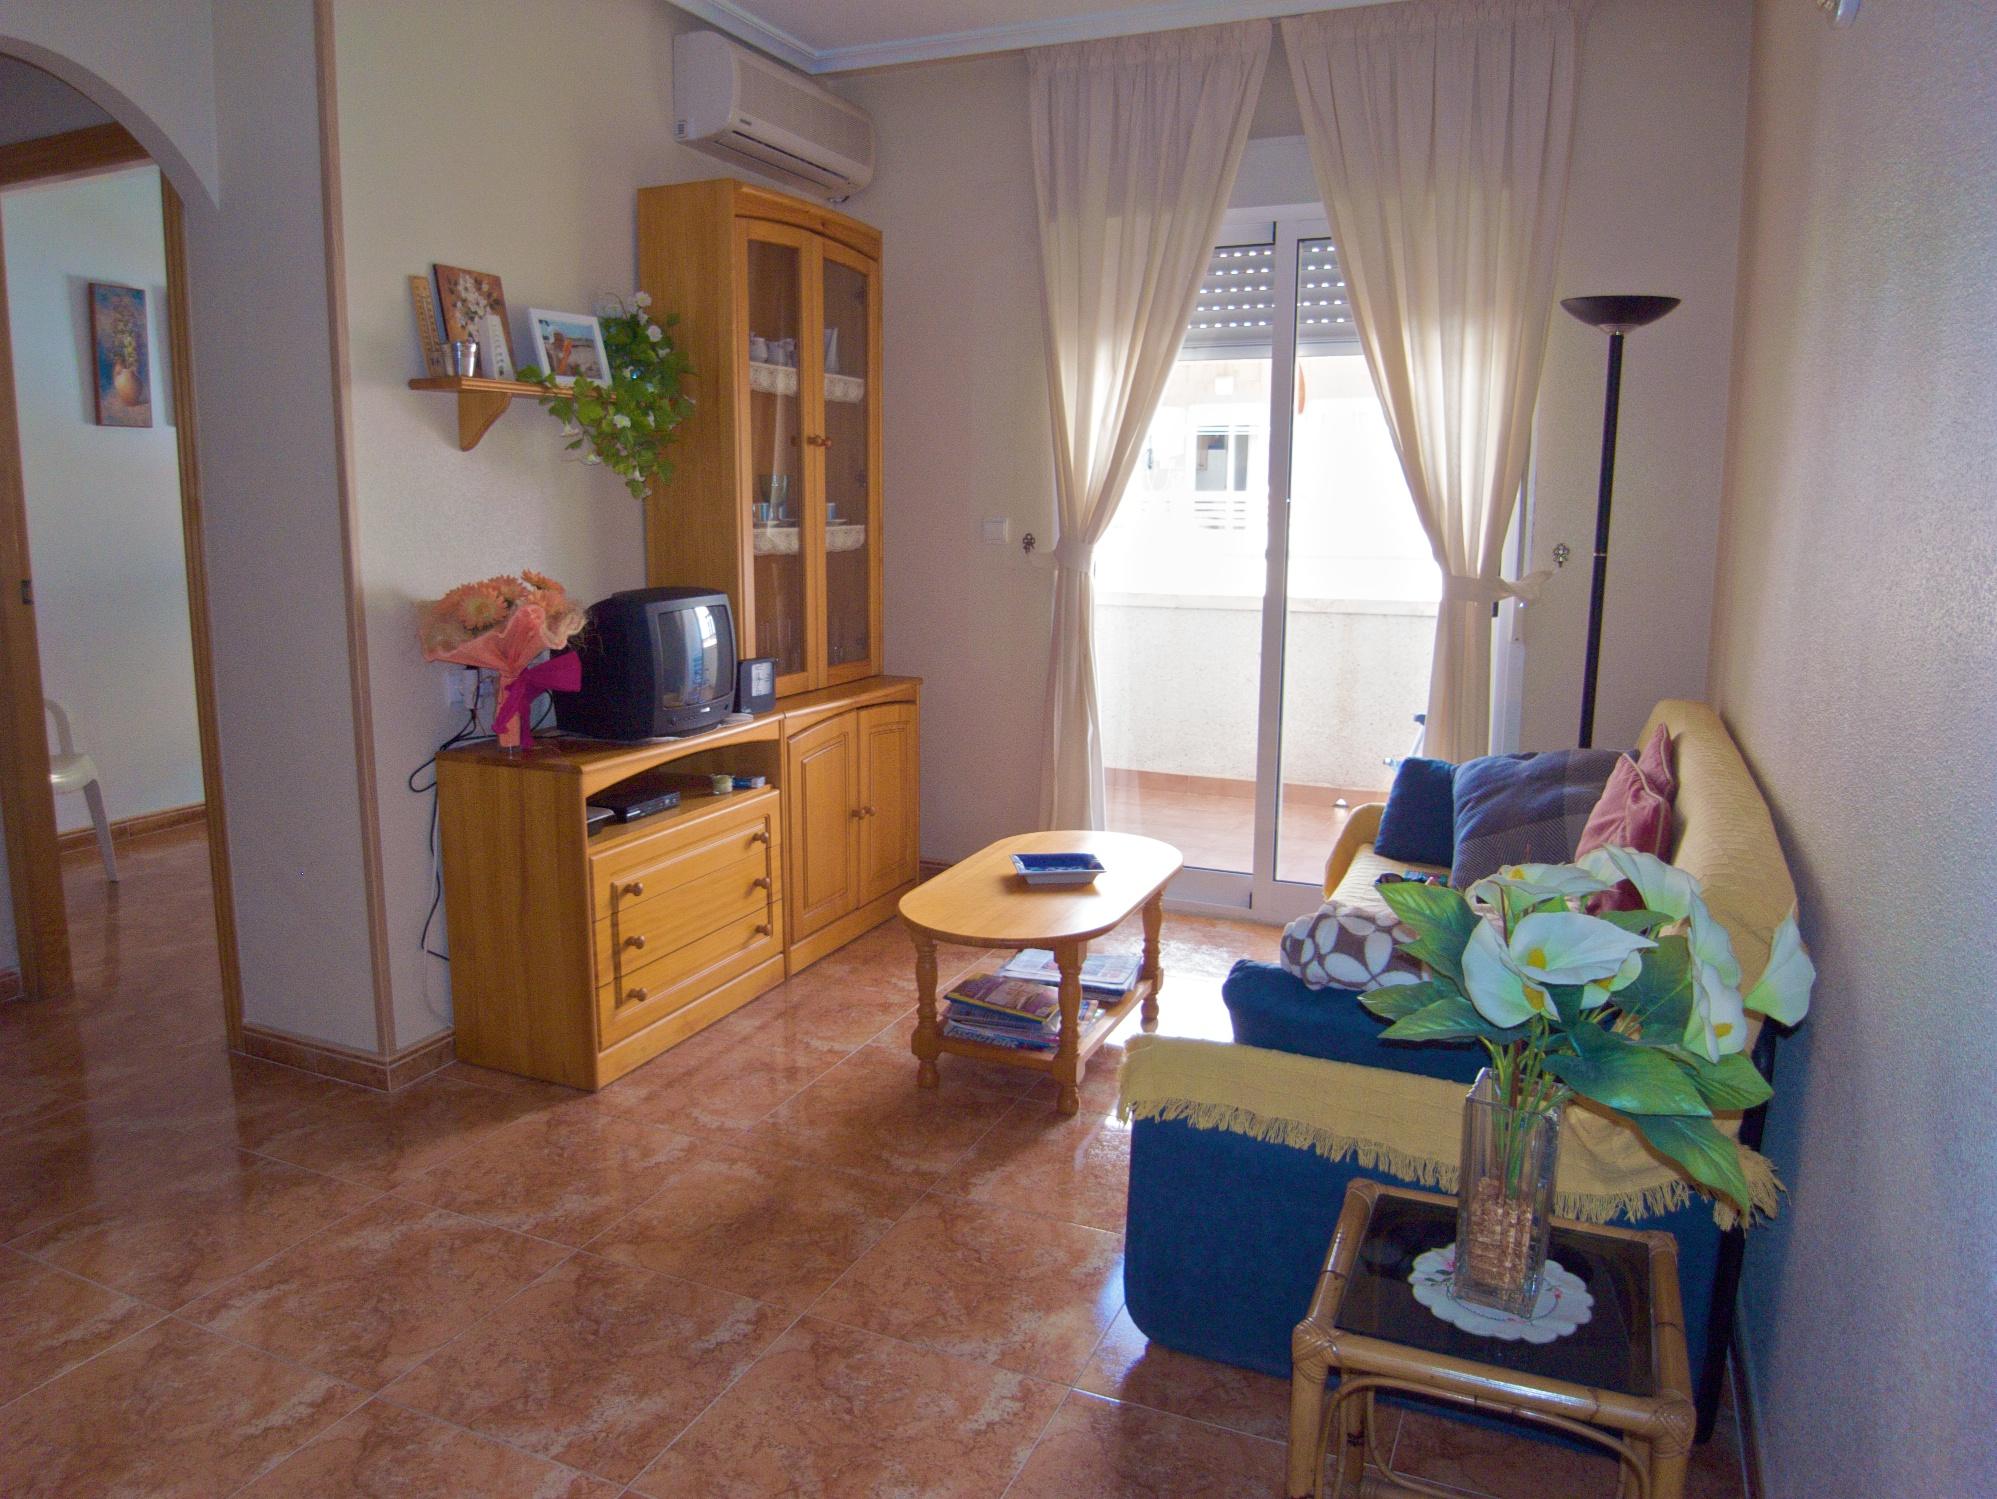 Parque de las avenidas alquiler de apartamentos en torrevieja - Alquilar apartamento en torrevieja ...